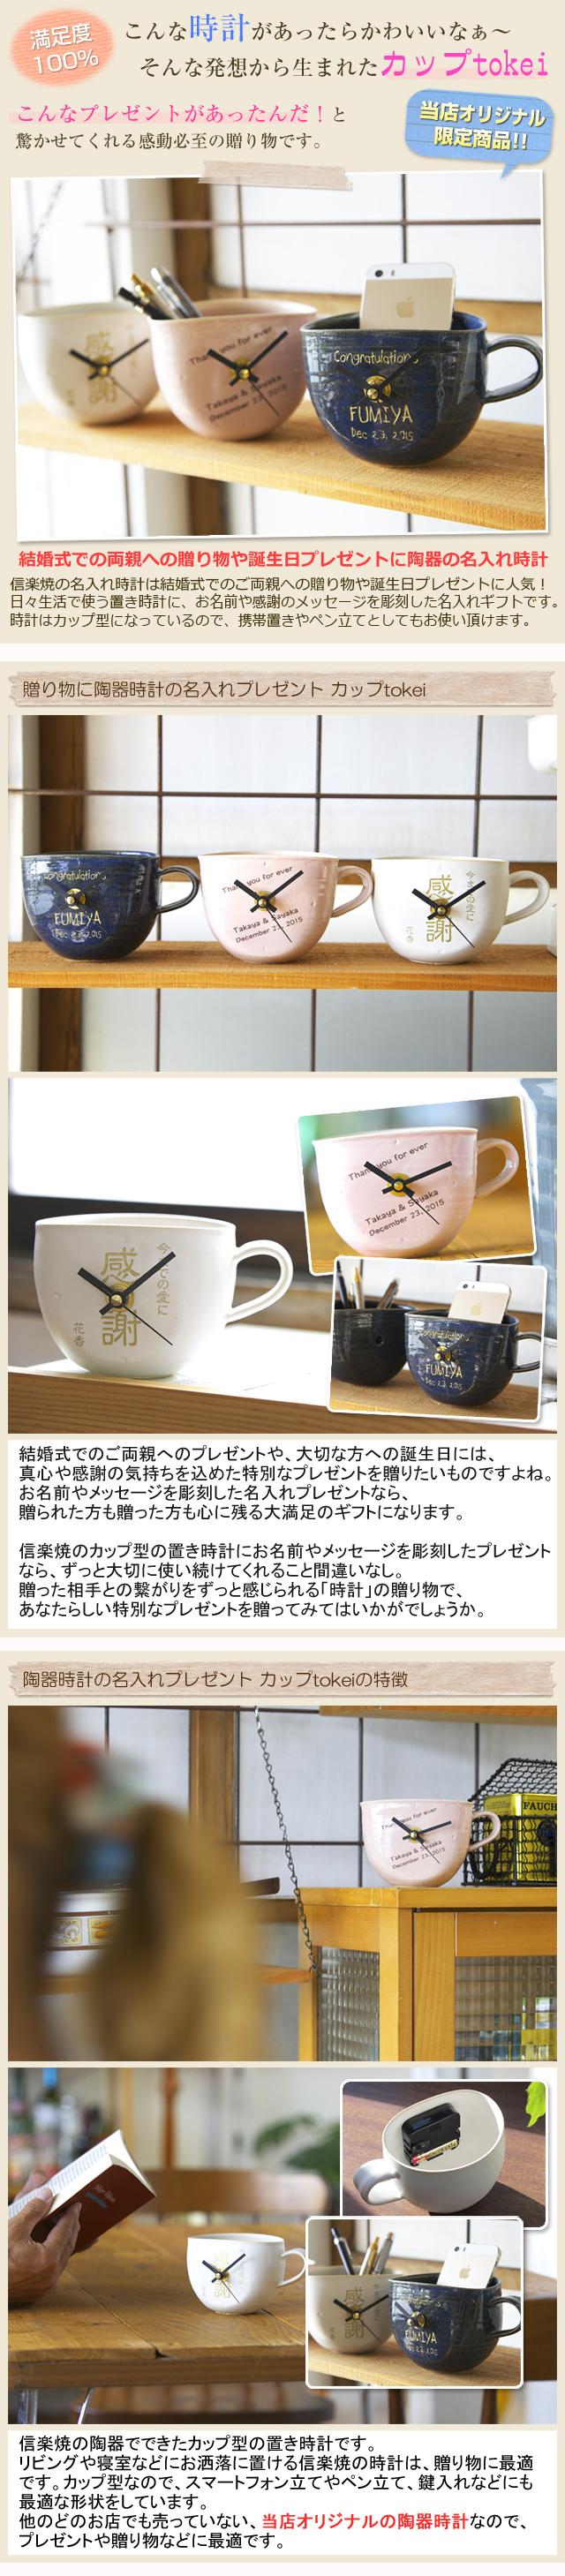 信楽焼の名入れ時計は結婚式でのご両親への贈り物や誕生日プレゼントに人気!